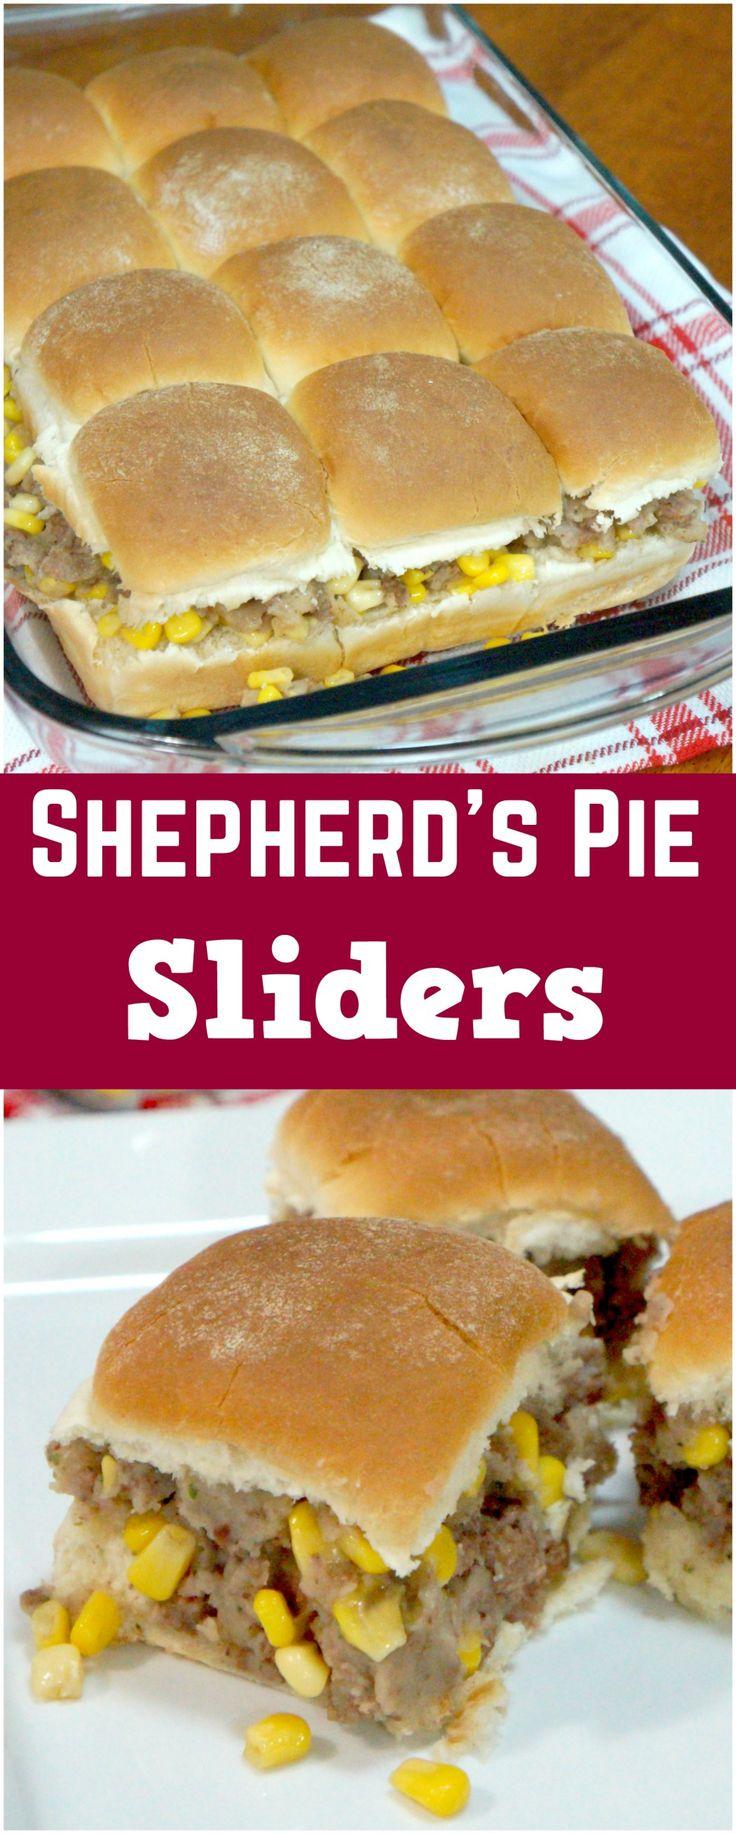 Shepherd's Pie Sliders